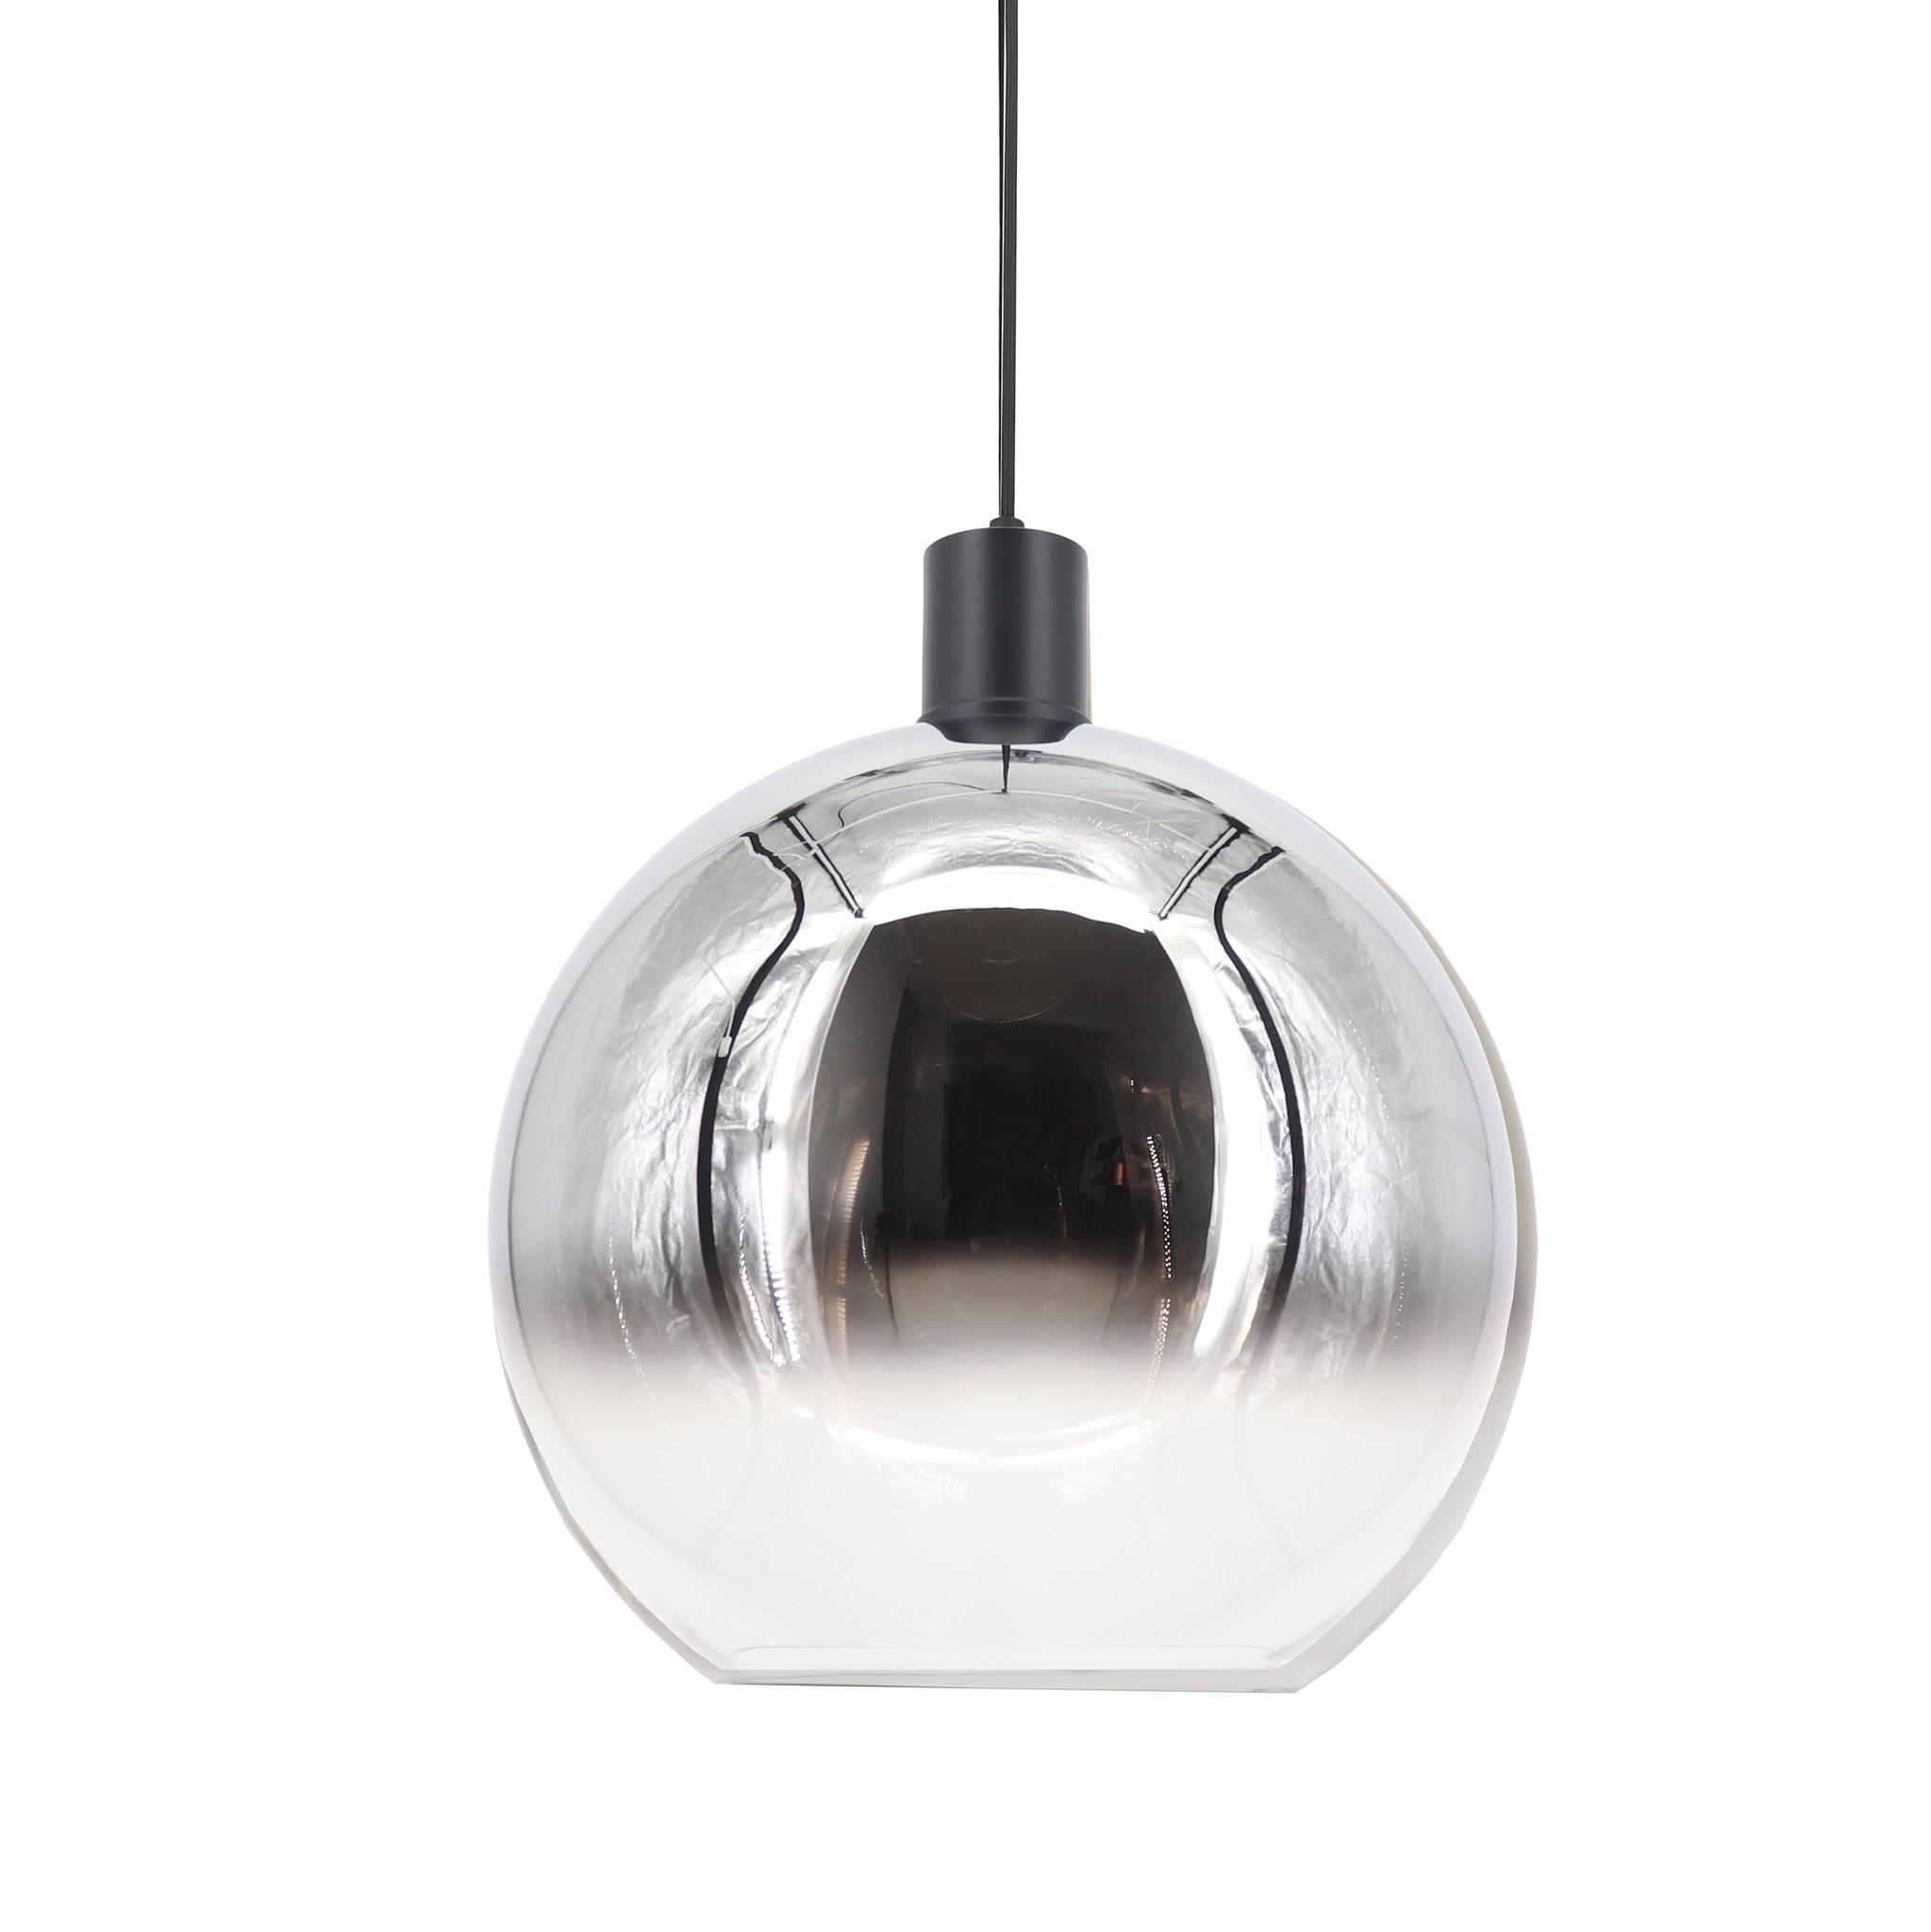 Artdelight Hanglamp Rosario Ø 30 cm glas chroom-helder